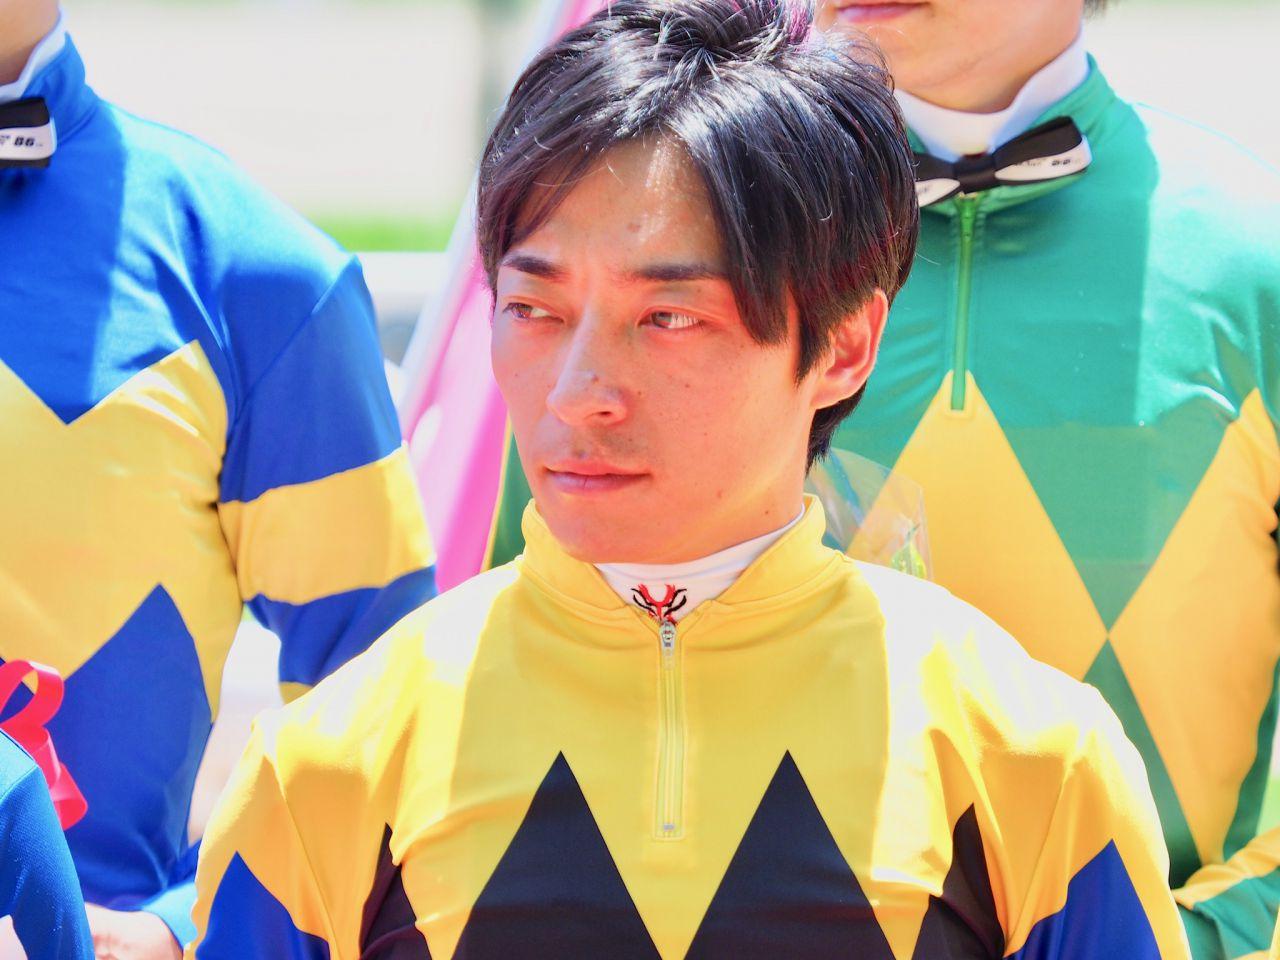 菅原明良が騎乗停止 札幌4Rにおける制裁